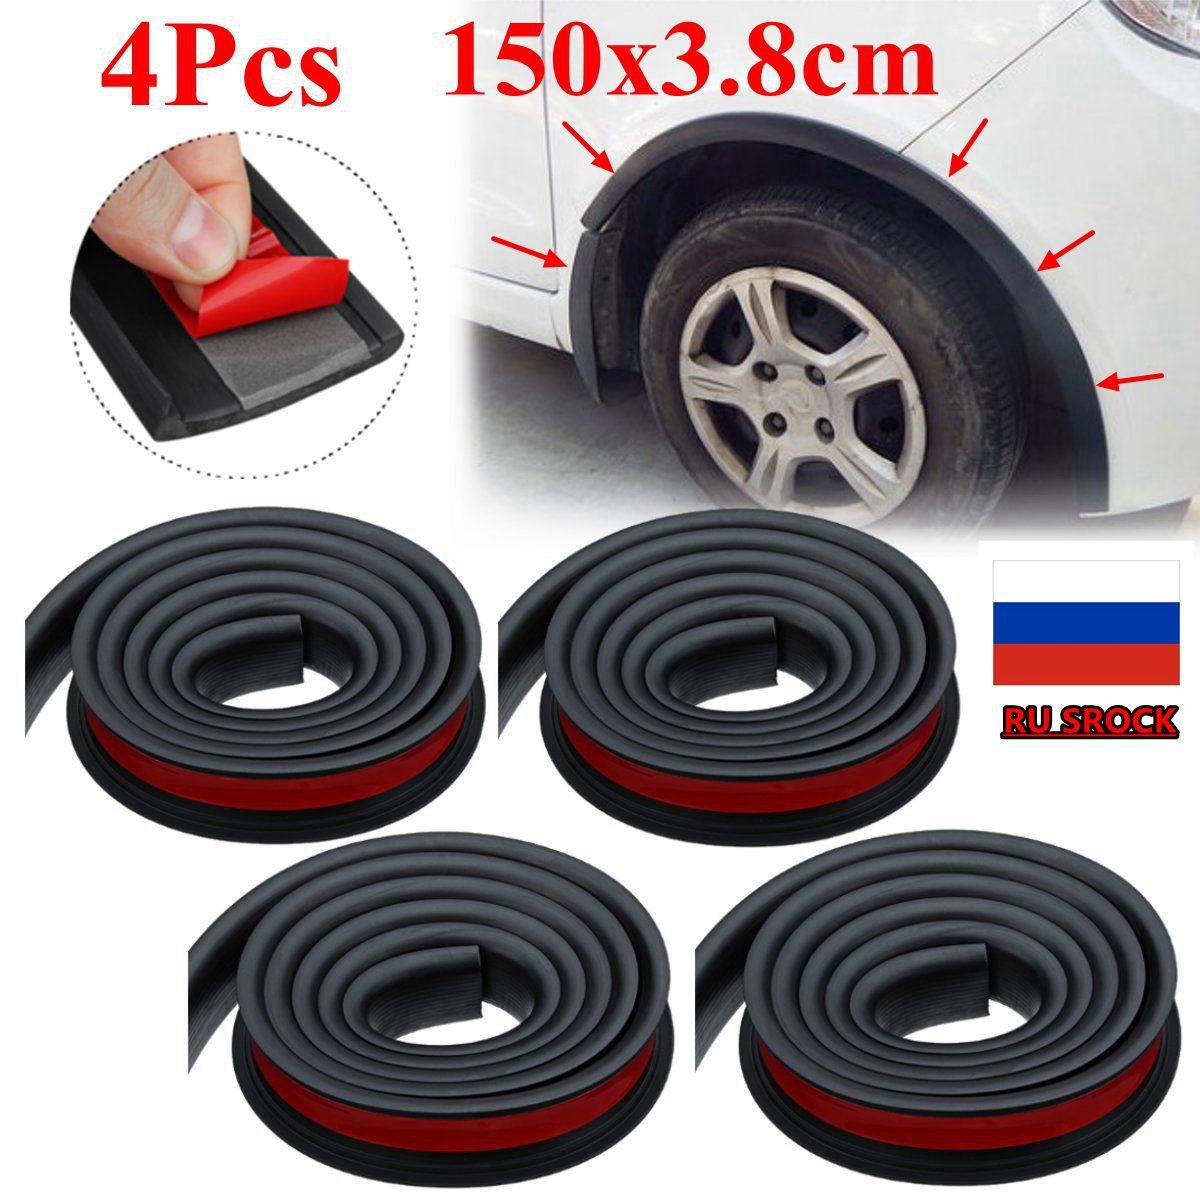 Paire universelle caoutchouc voiture garde-boue garniture passage de roue Protection moulures pour la plupart des voitures camions suv voiture style moulage 1.5M x 3.8CM